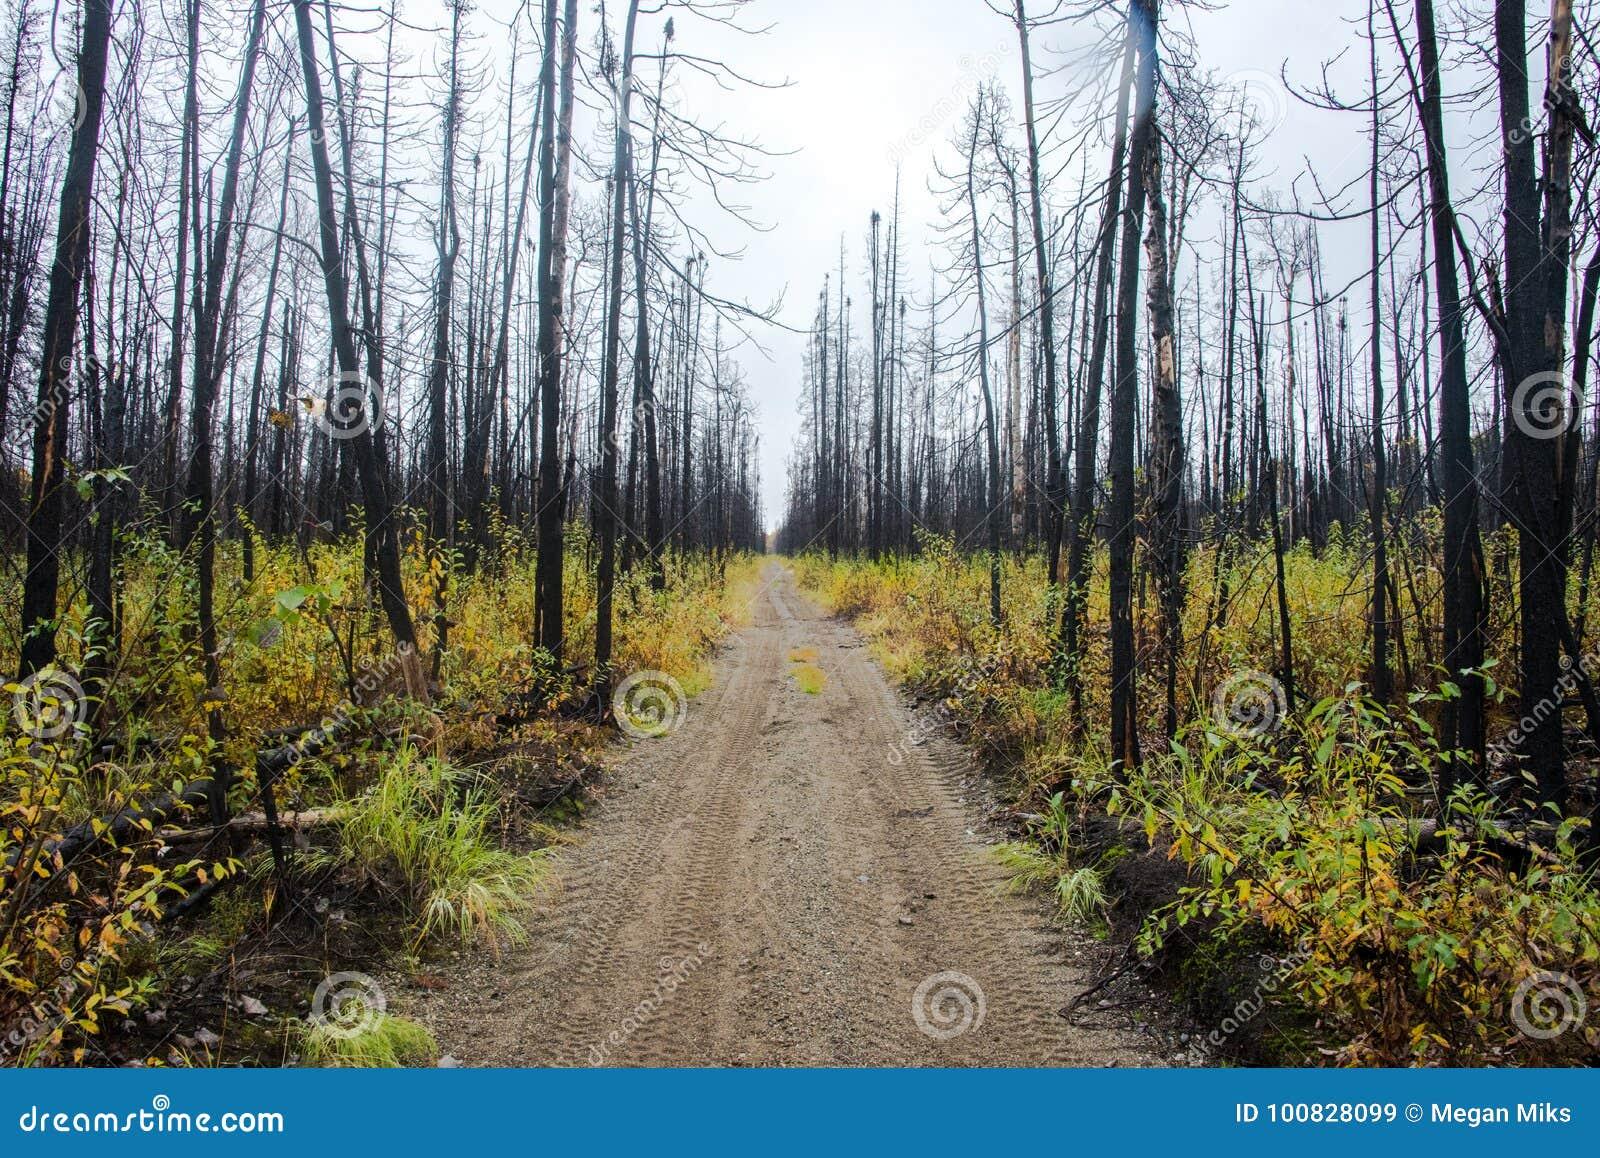 Weg durch gebrannten Wald